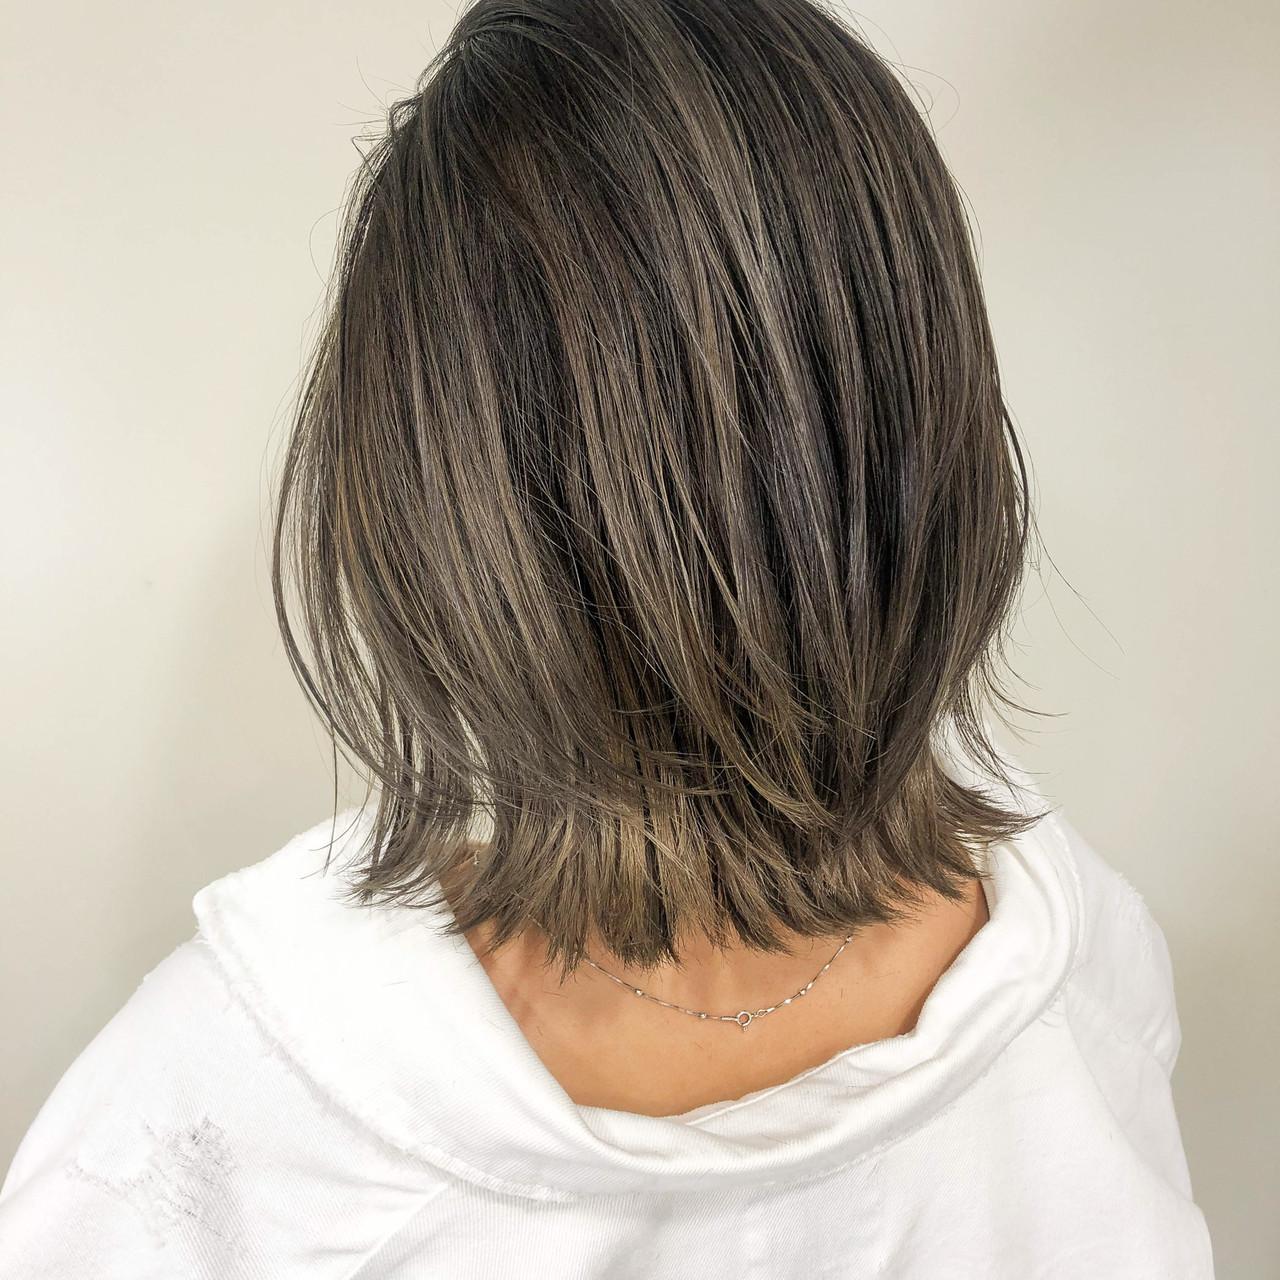 ベージュ アンニュイほつれヘア ボブ ナチュラル ヘアスタイルや髪型の写真・画像